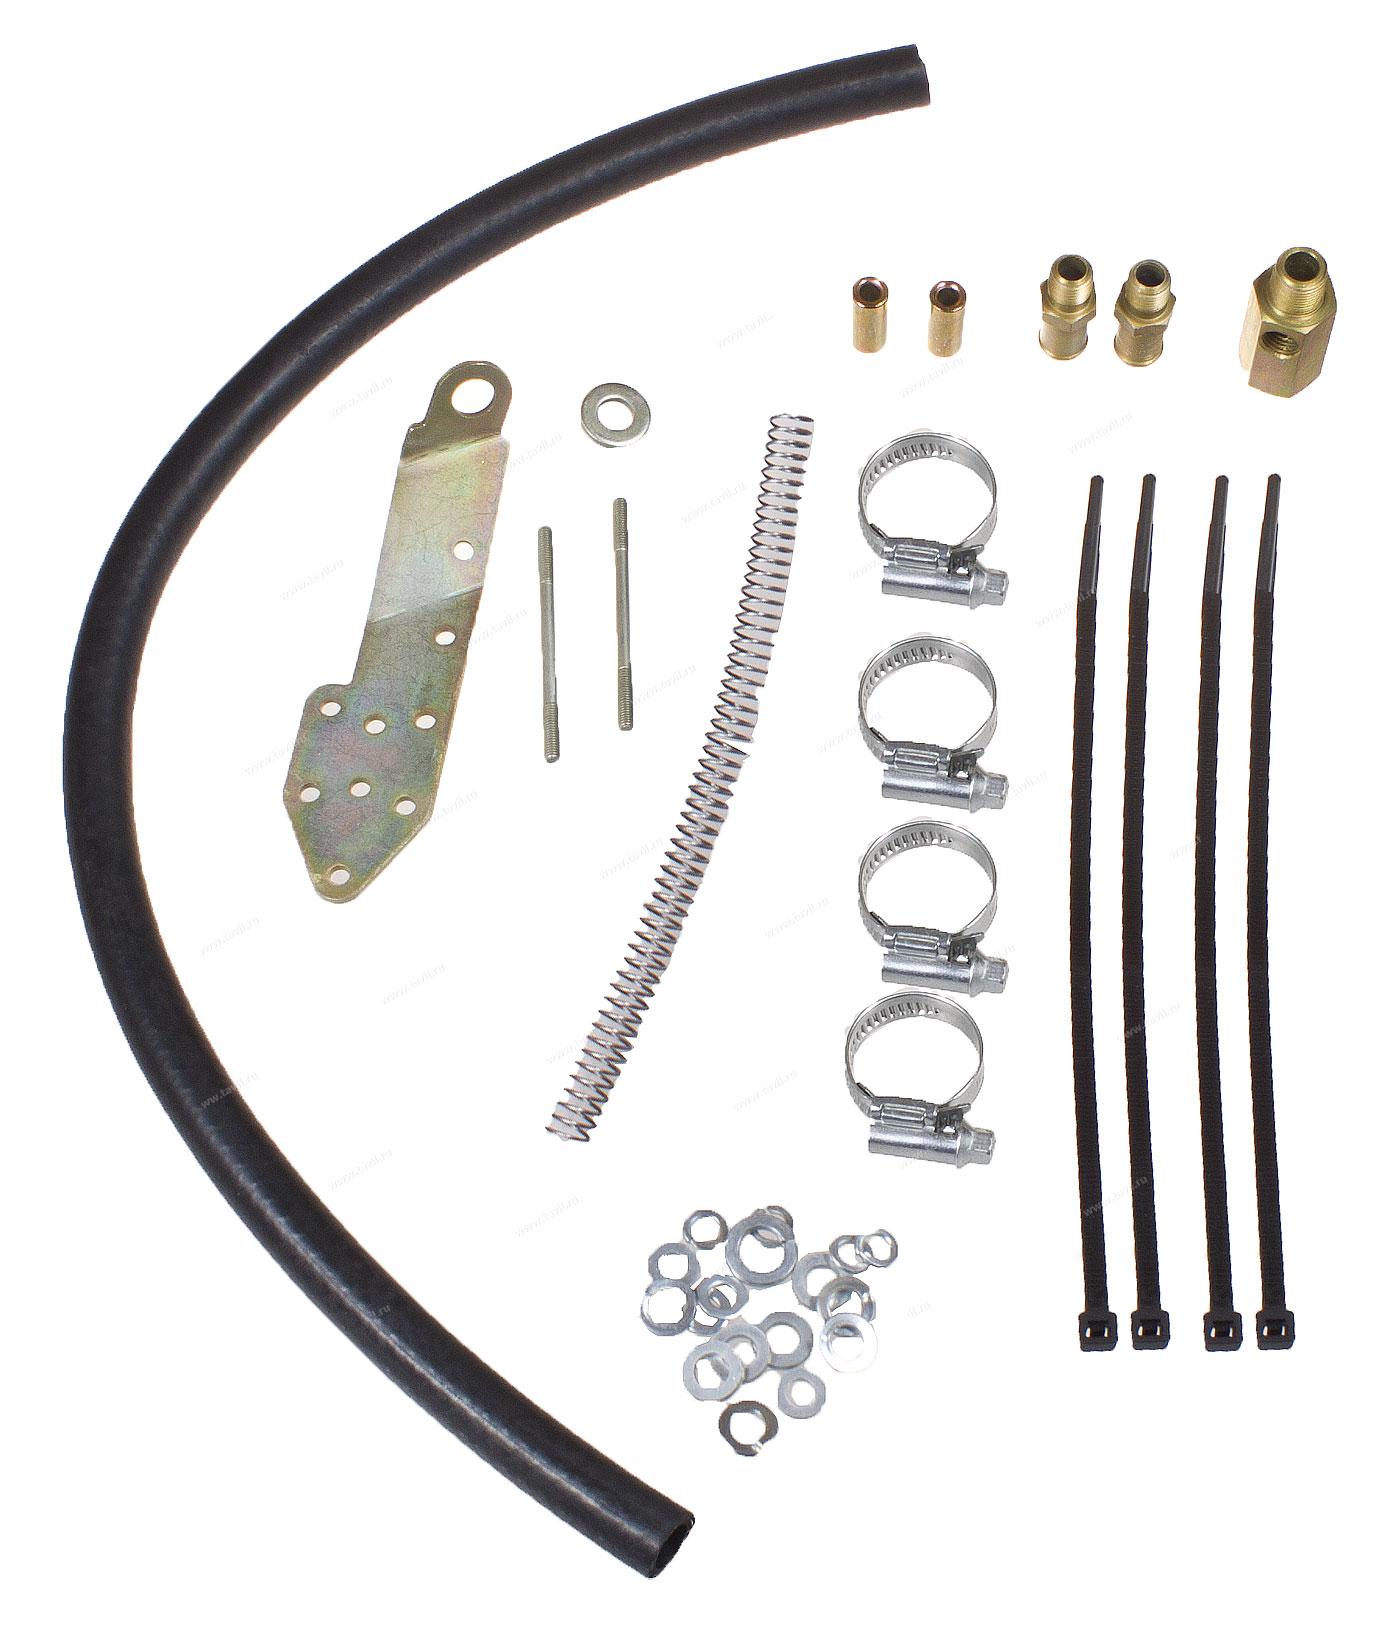 инструкция установки электроподогревателя на портер